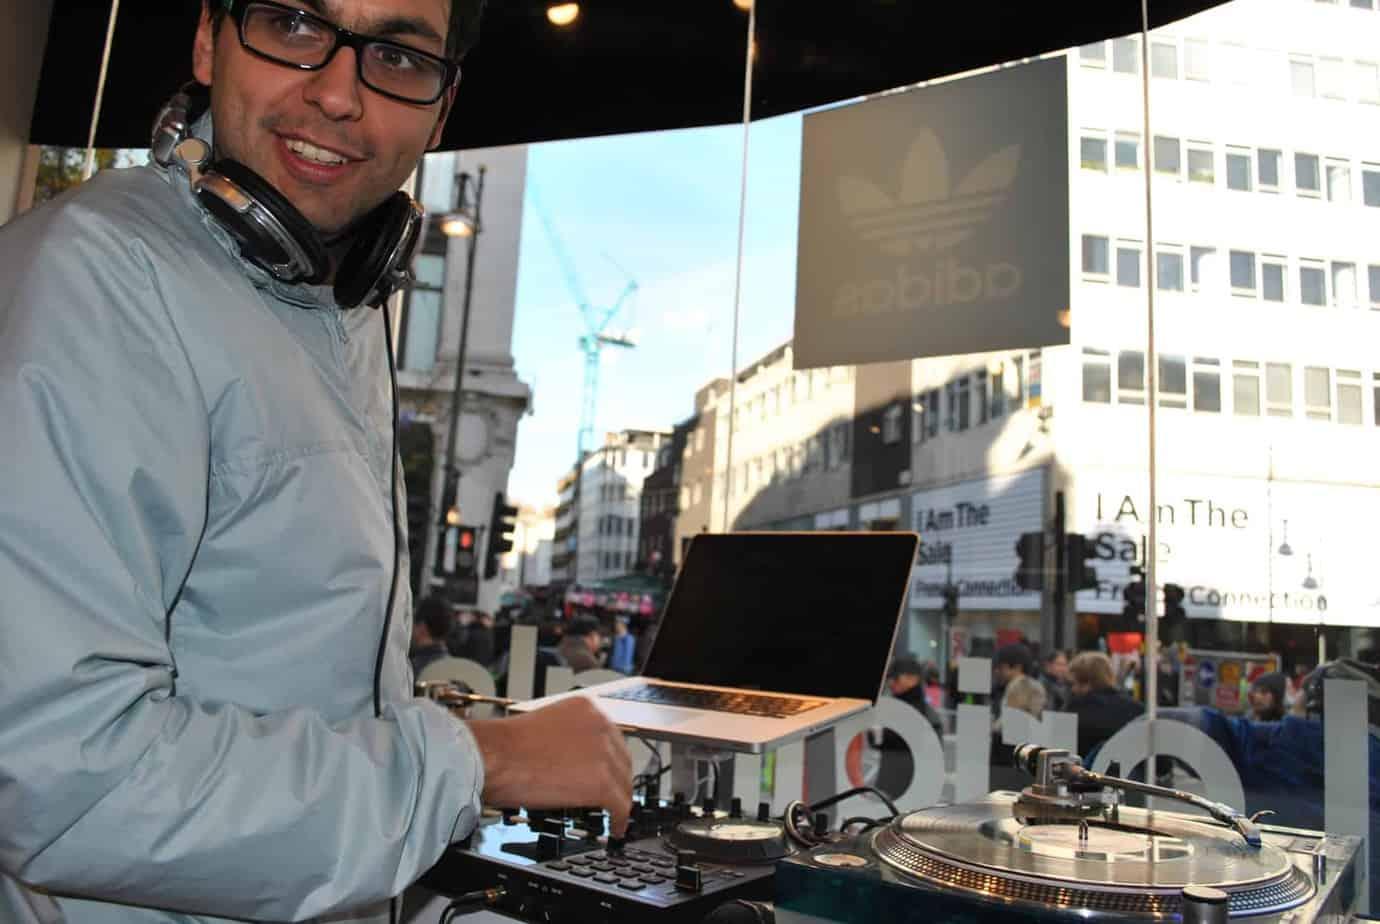 Heckner - Storm DJs - London Agency 3